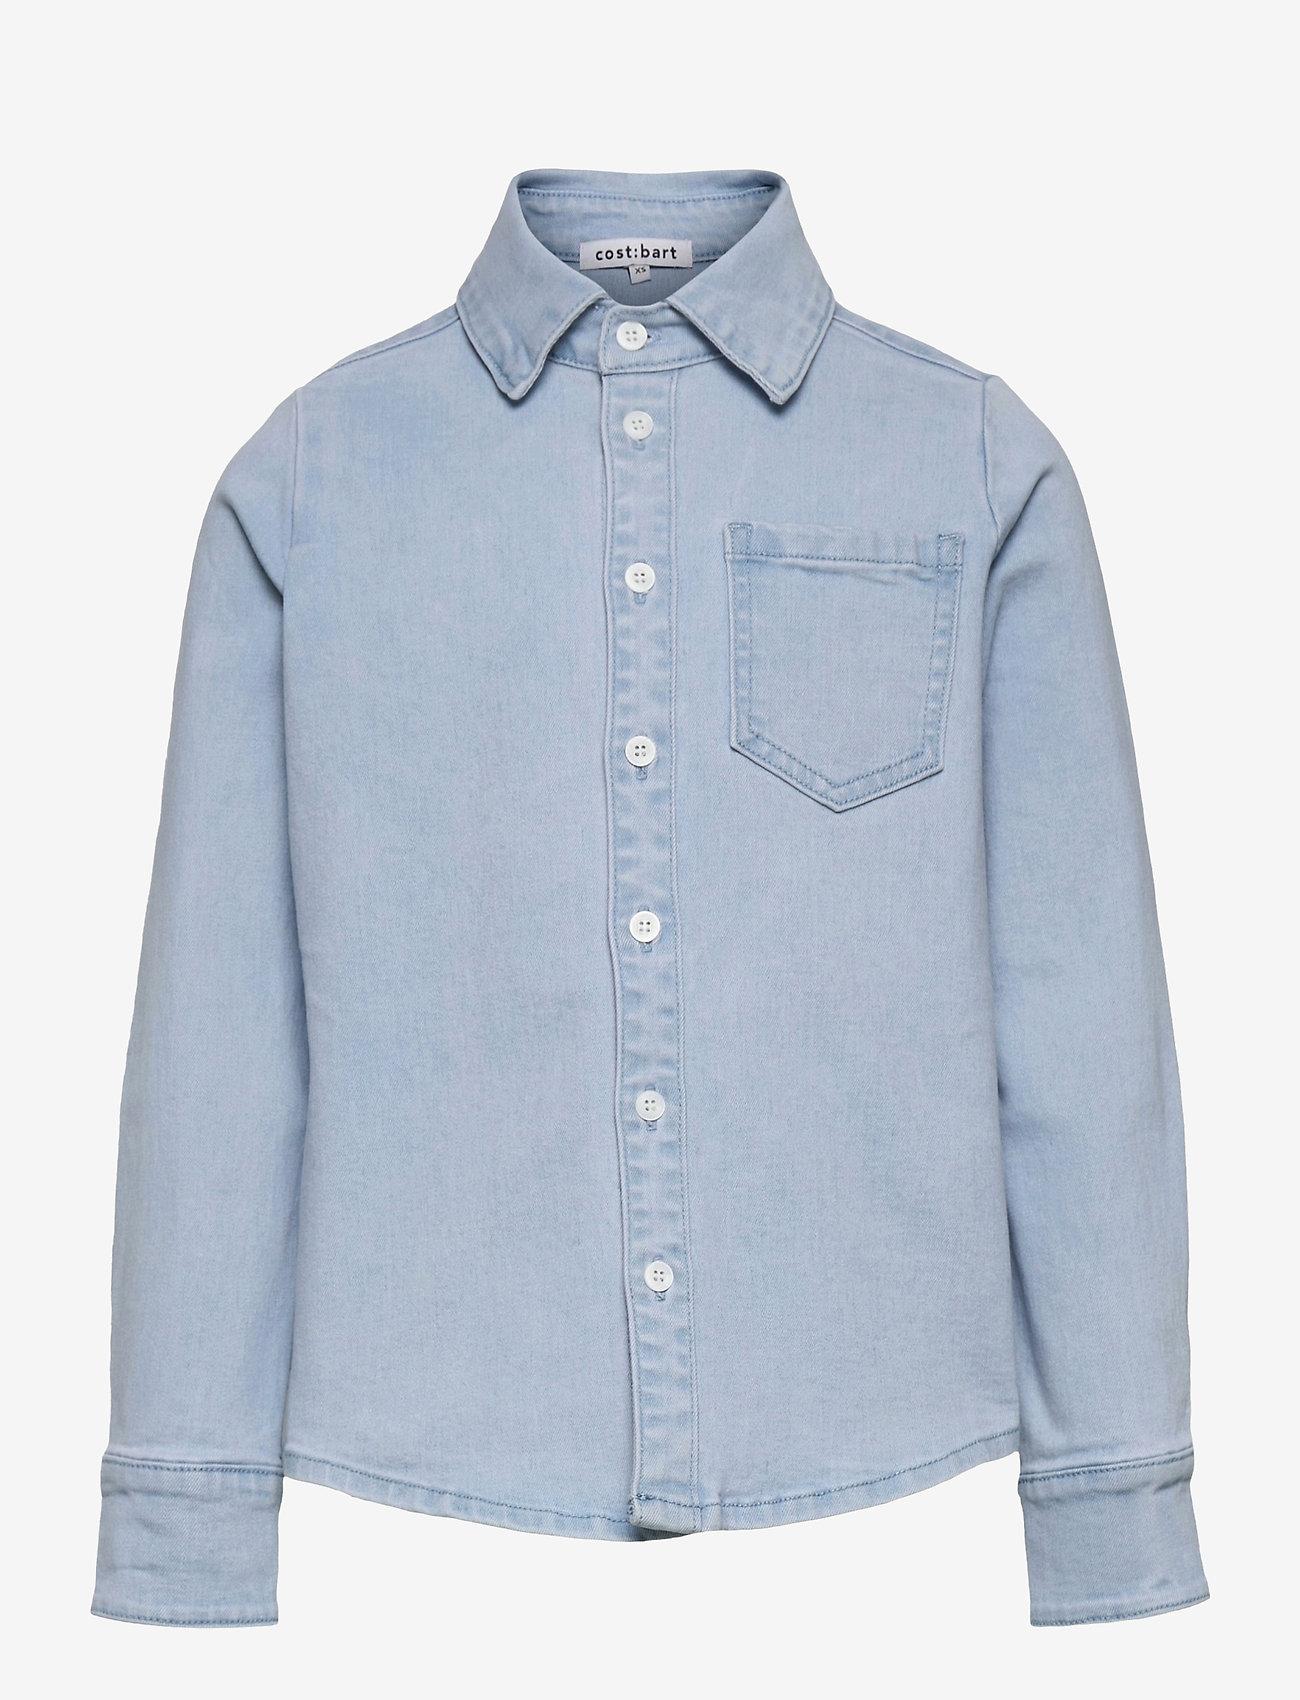 Costbart - MATO DENIM OVERSHIRT - shirts - denim wash - 0